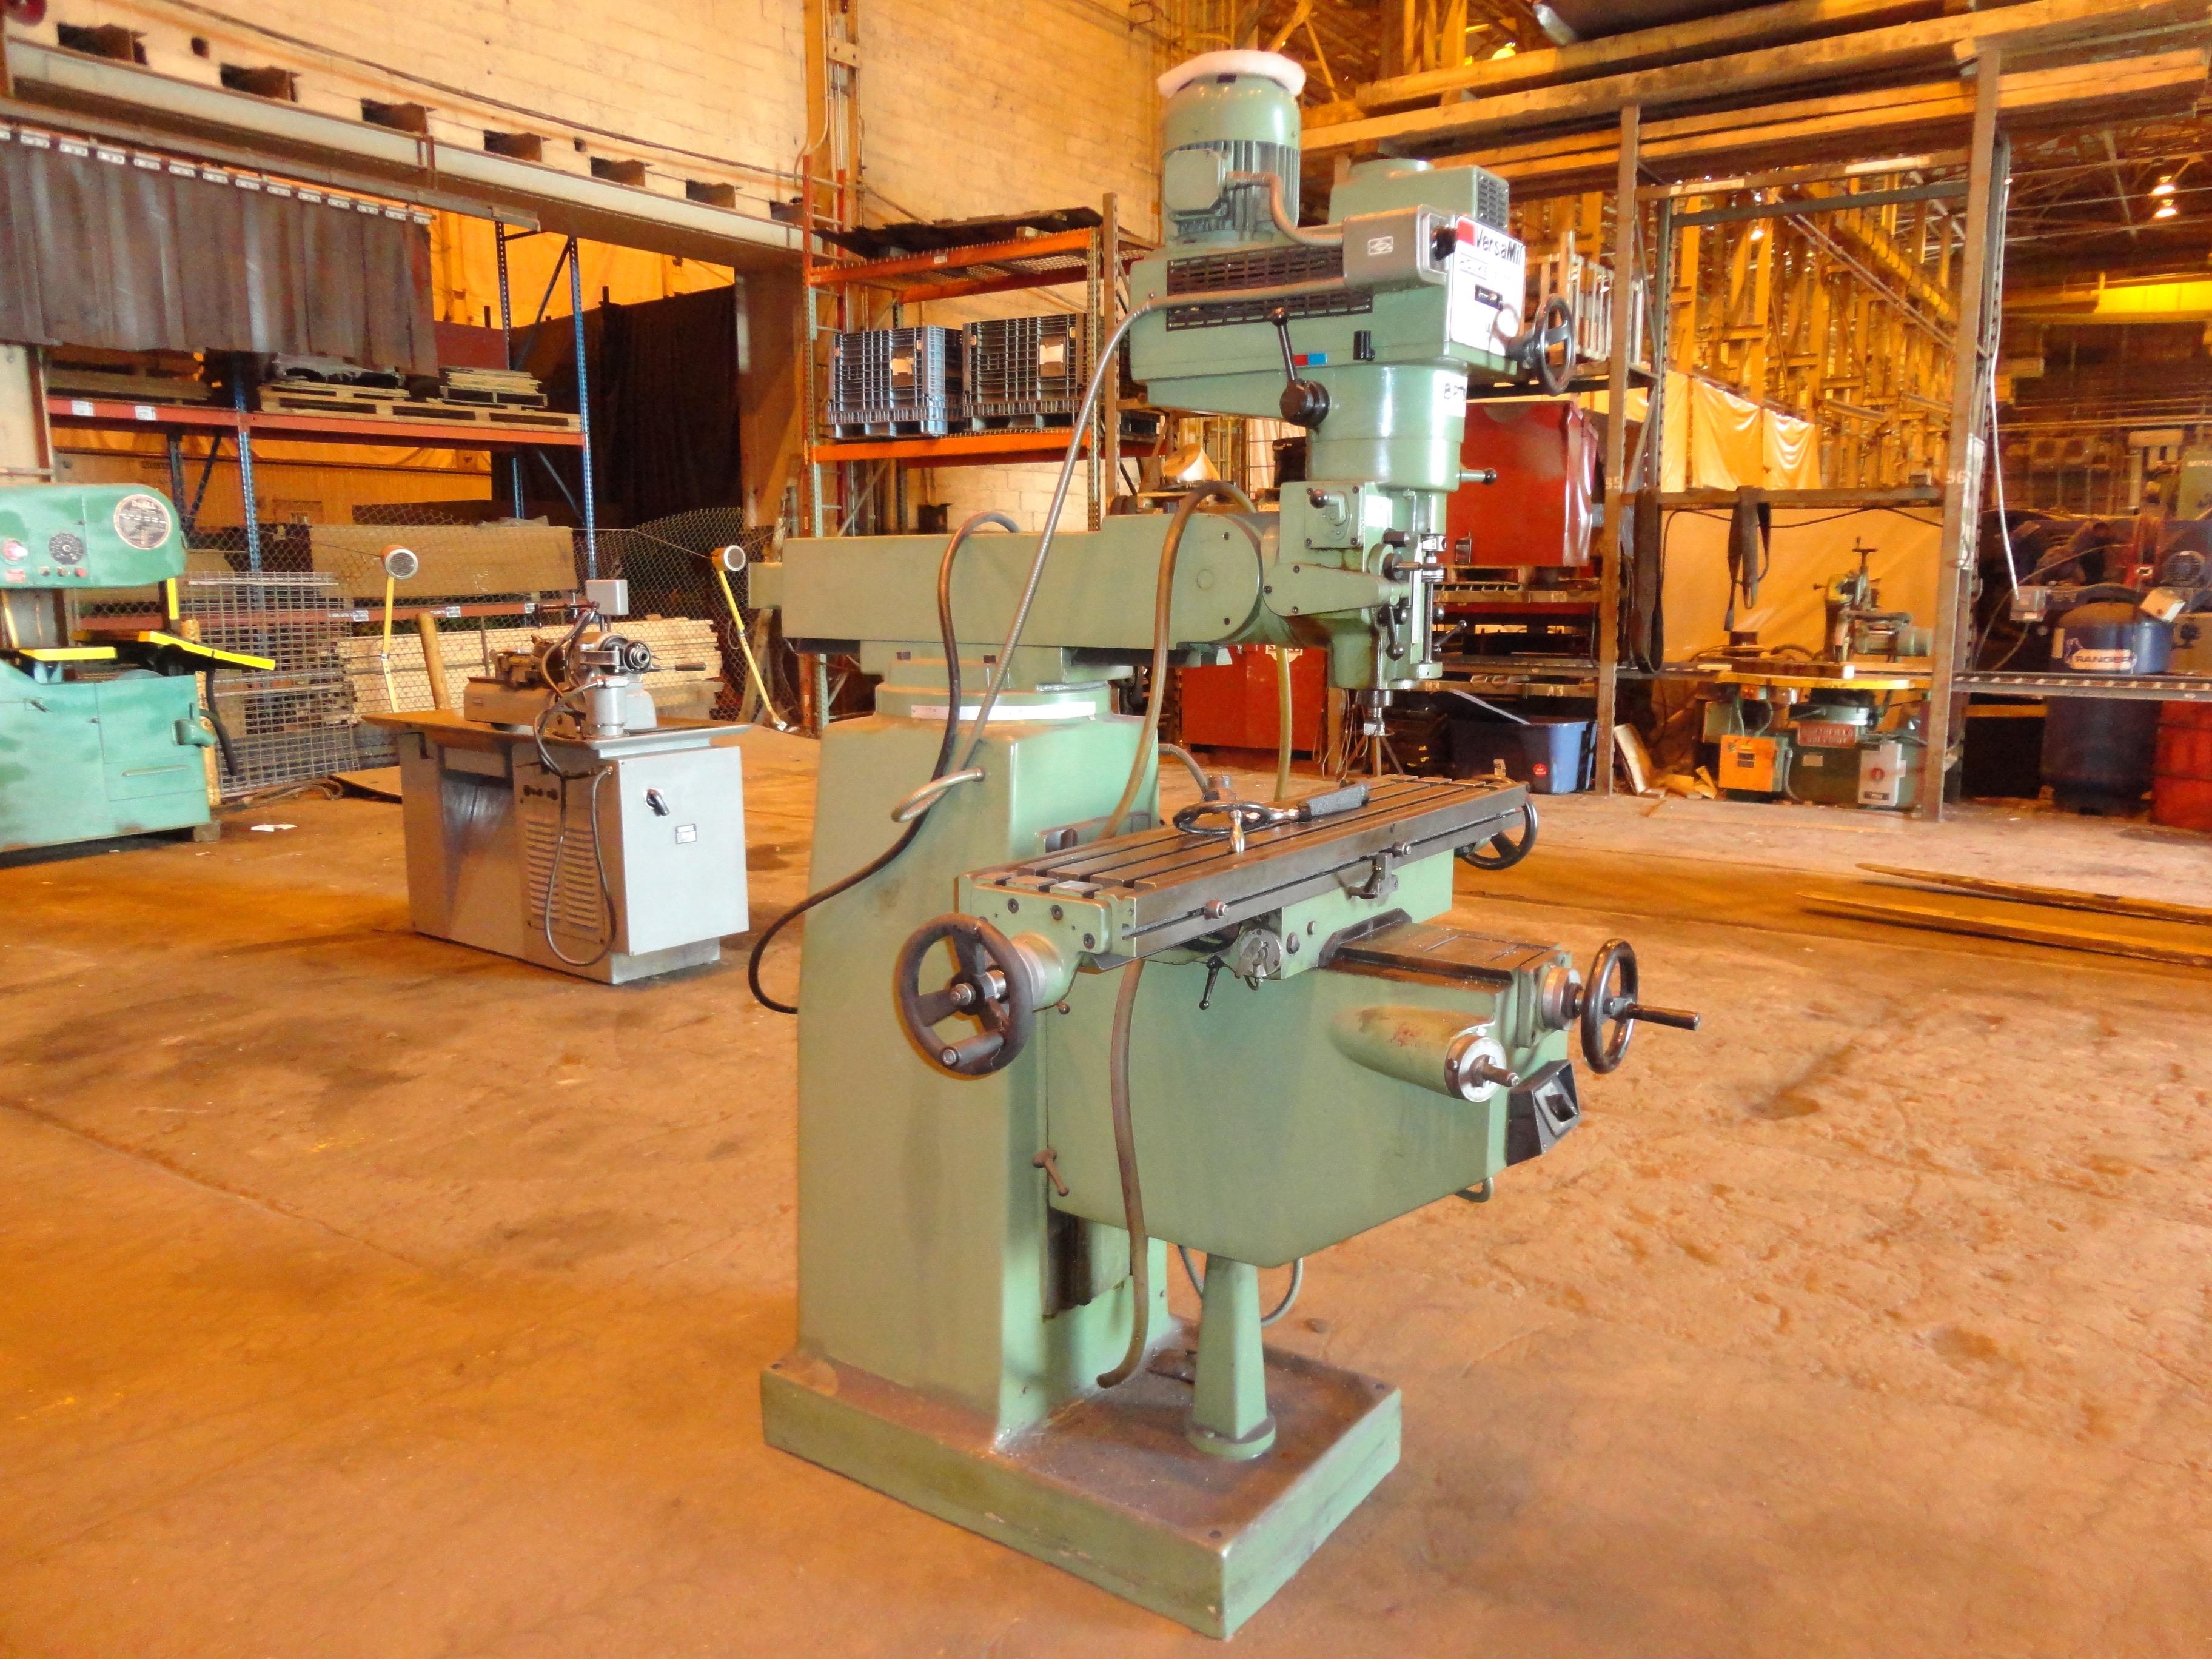 Lot 32 - Versa BPT5 Vertical Mill